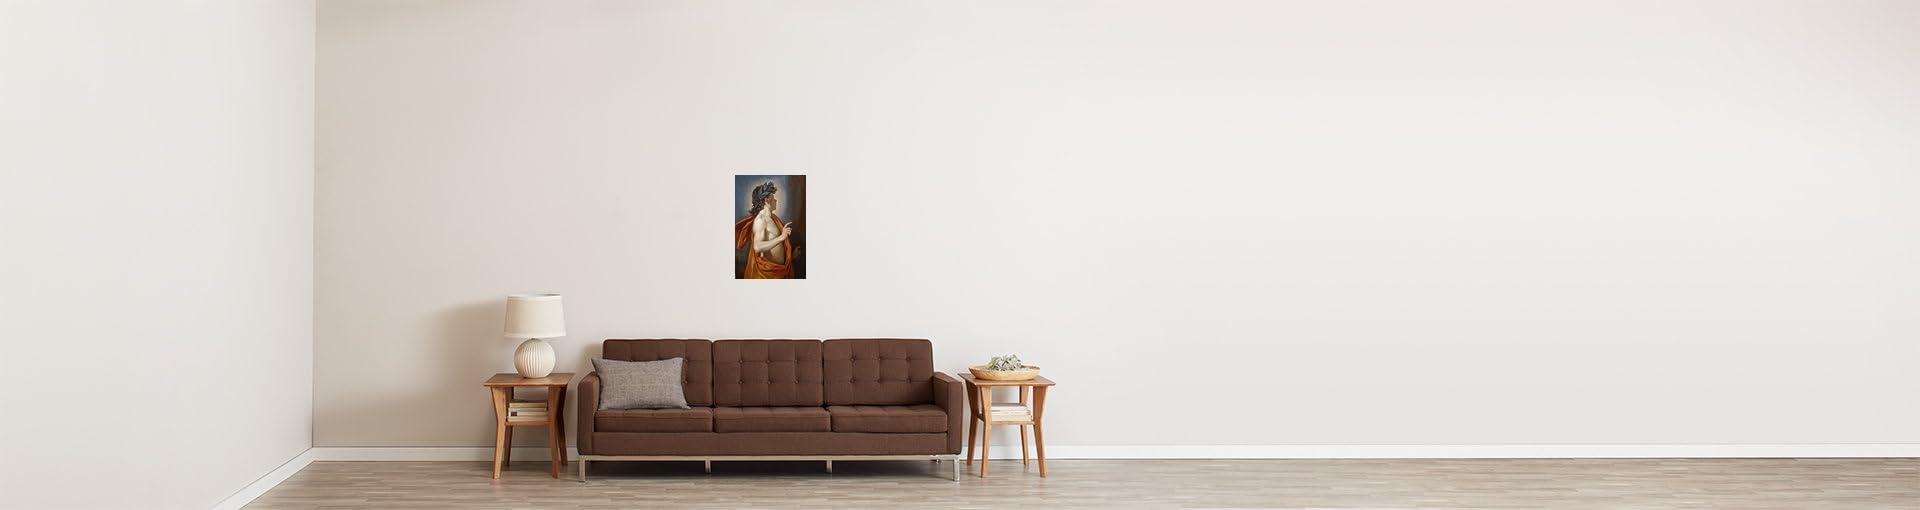 Amazon.com: Apollo de la Forja de Vulcan: Stephen Haws: Fine Art